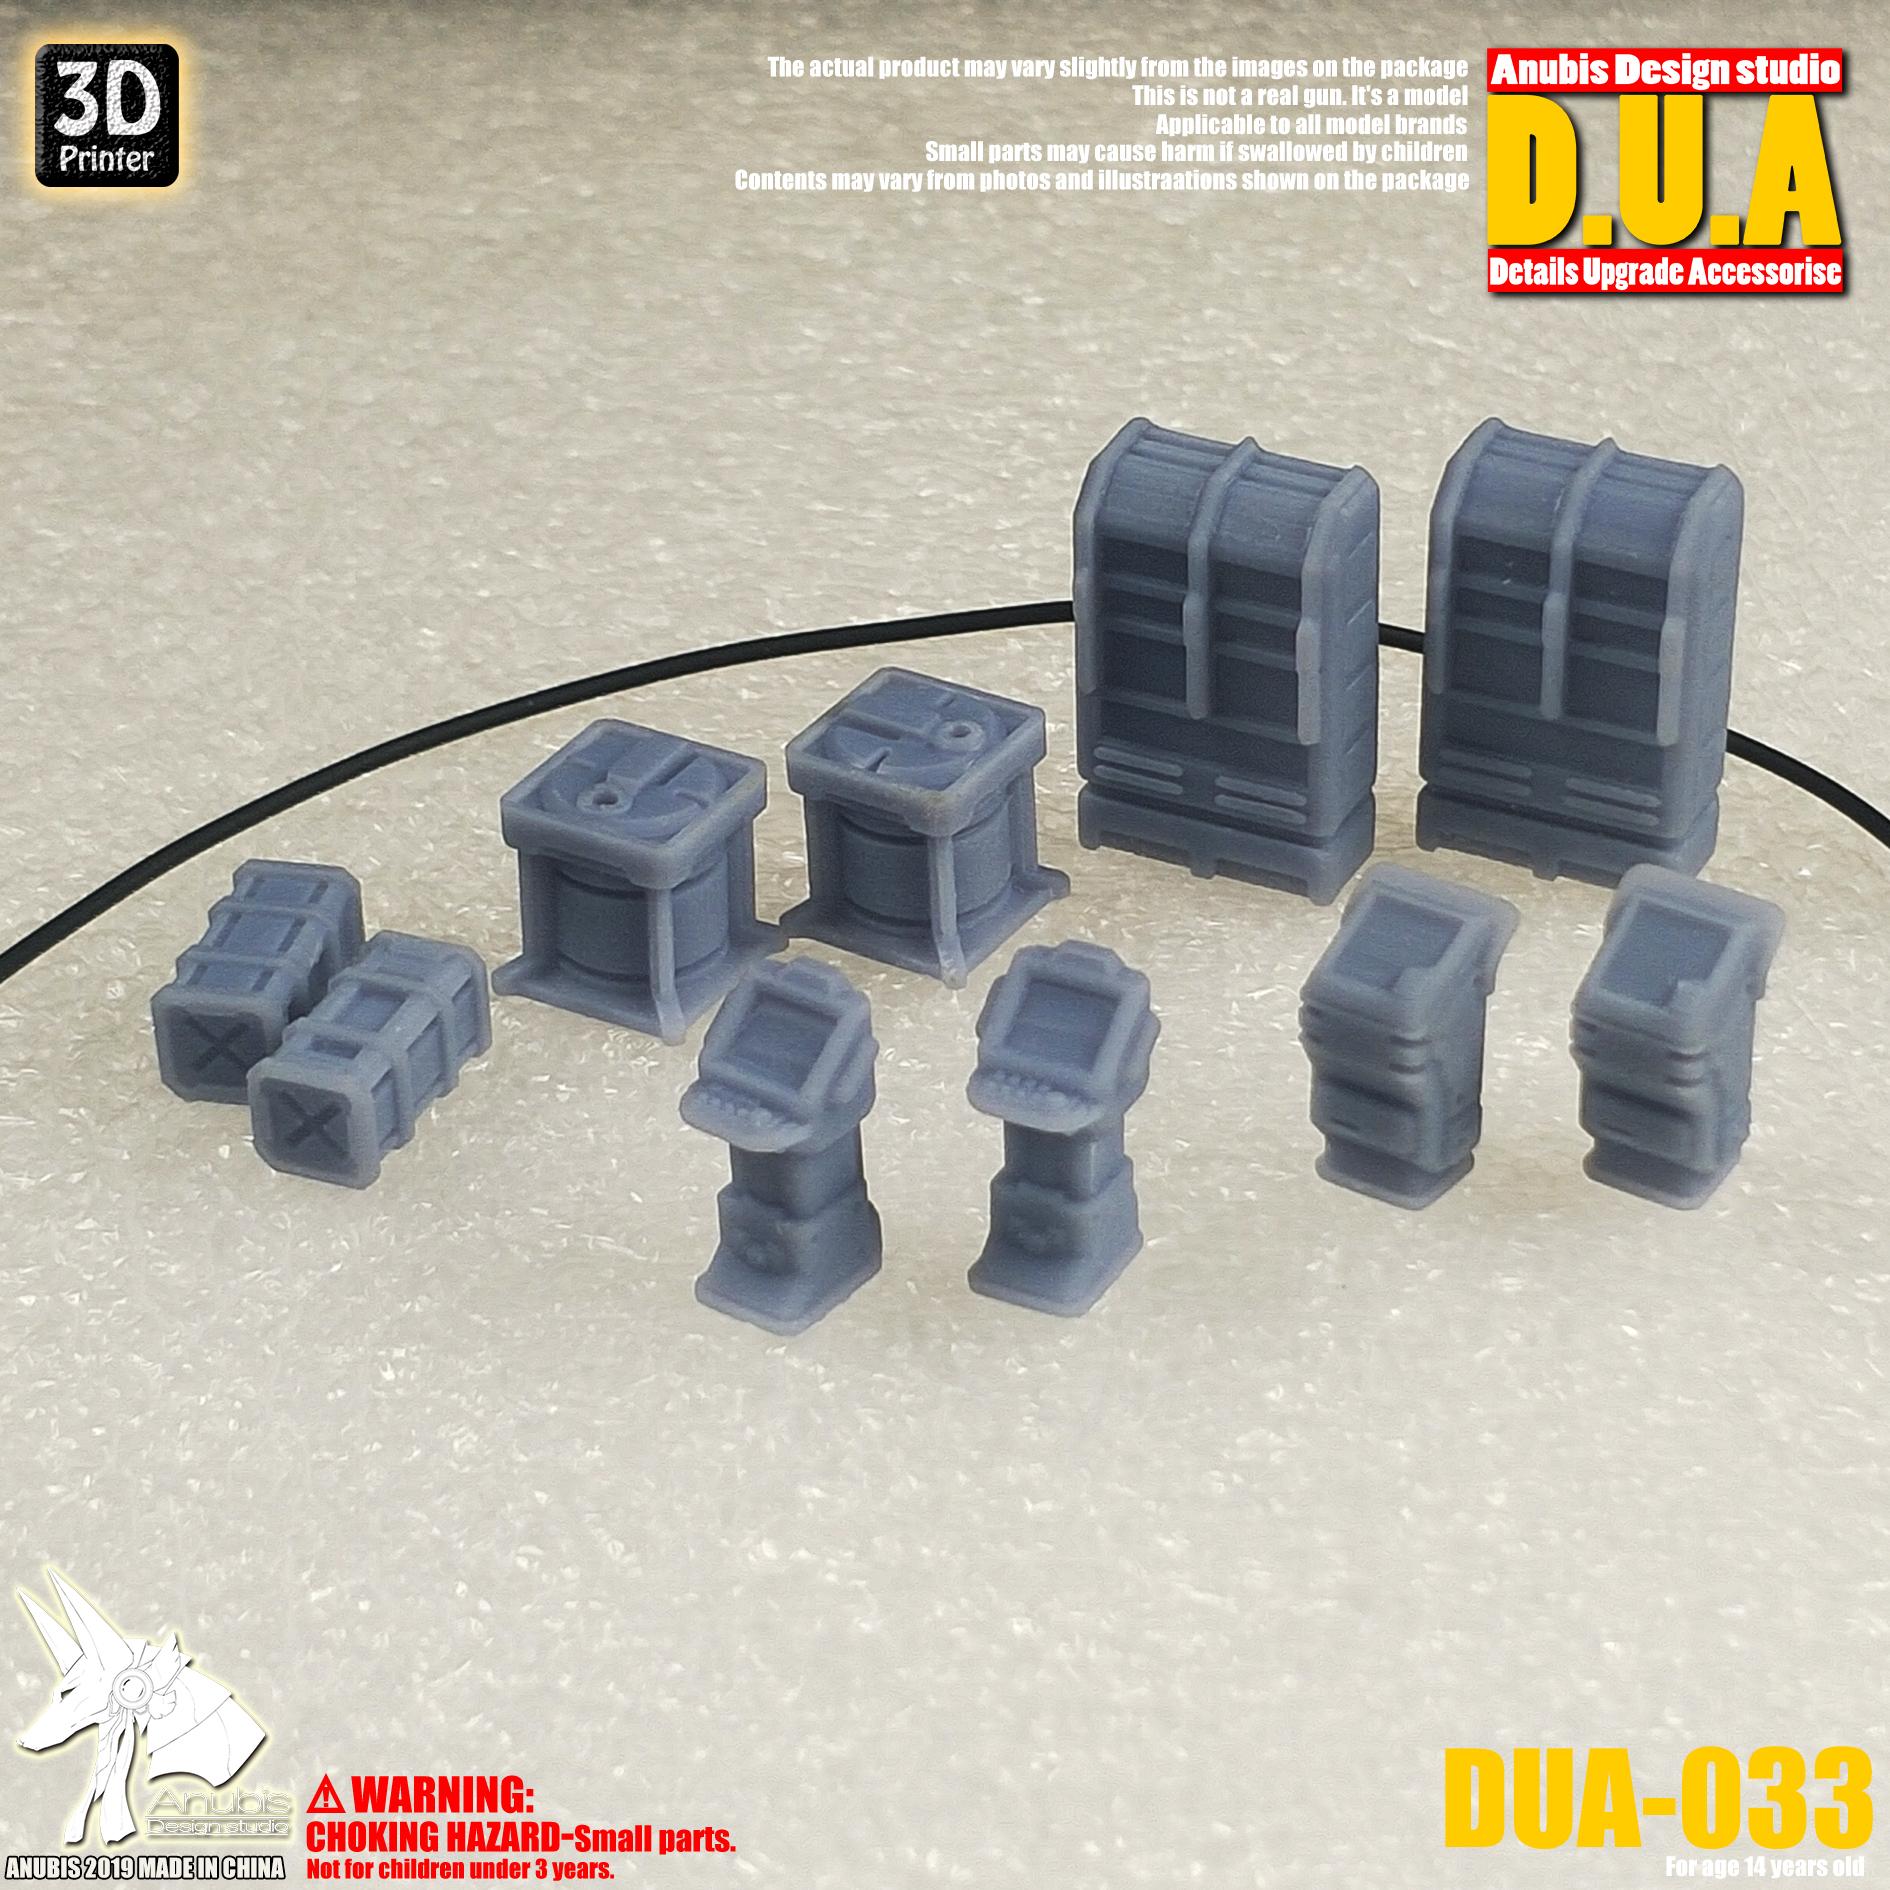 G413_DUA033_002.jpg